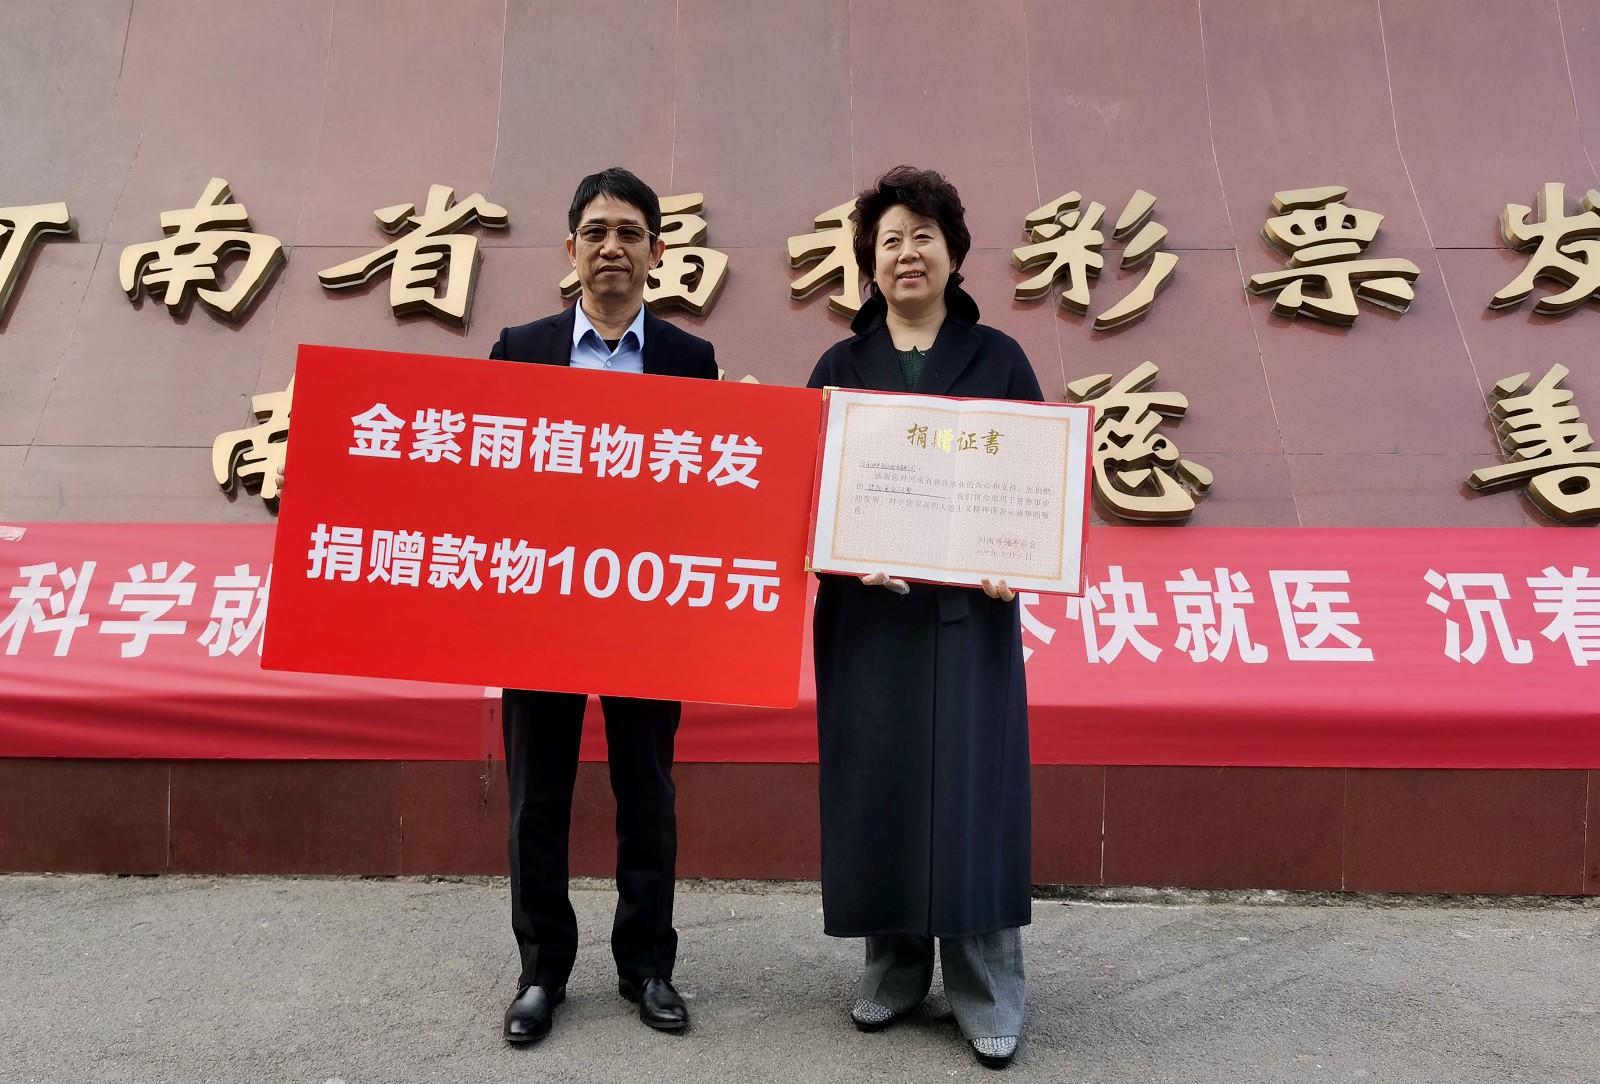 《信用中国》抗疫中的企业力量:金紫雨捐100万支援一线